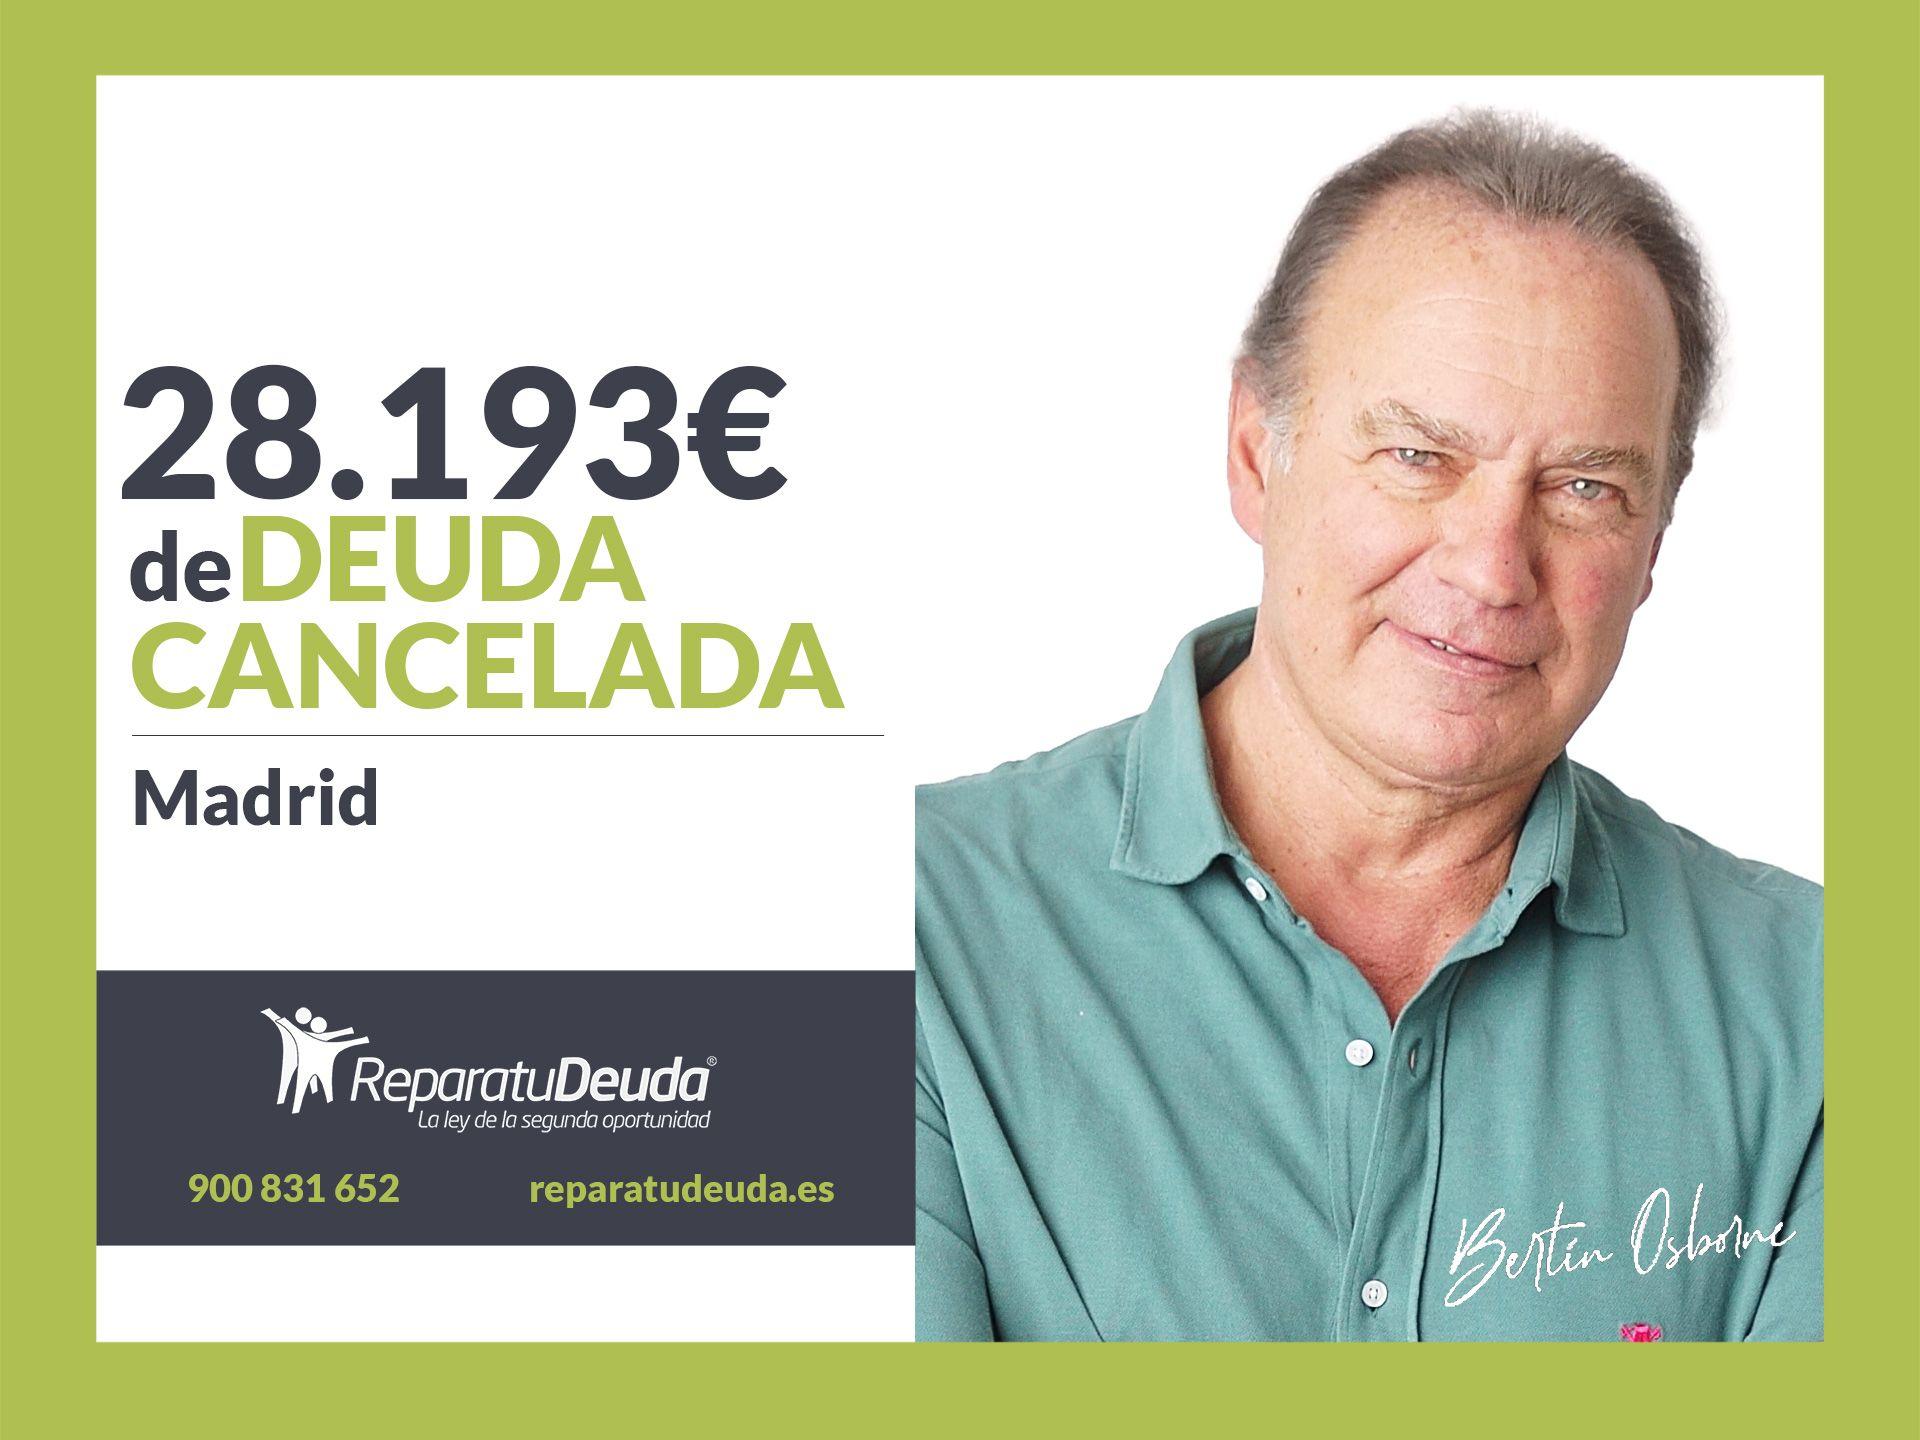 Repara tu Deuda Abogados cancela 28.193 ? en Madrid con la Ley de Segunda Oportunidad